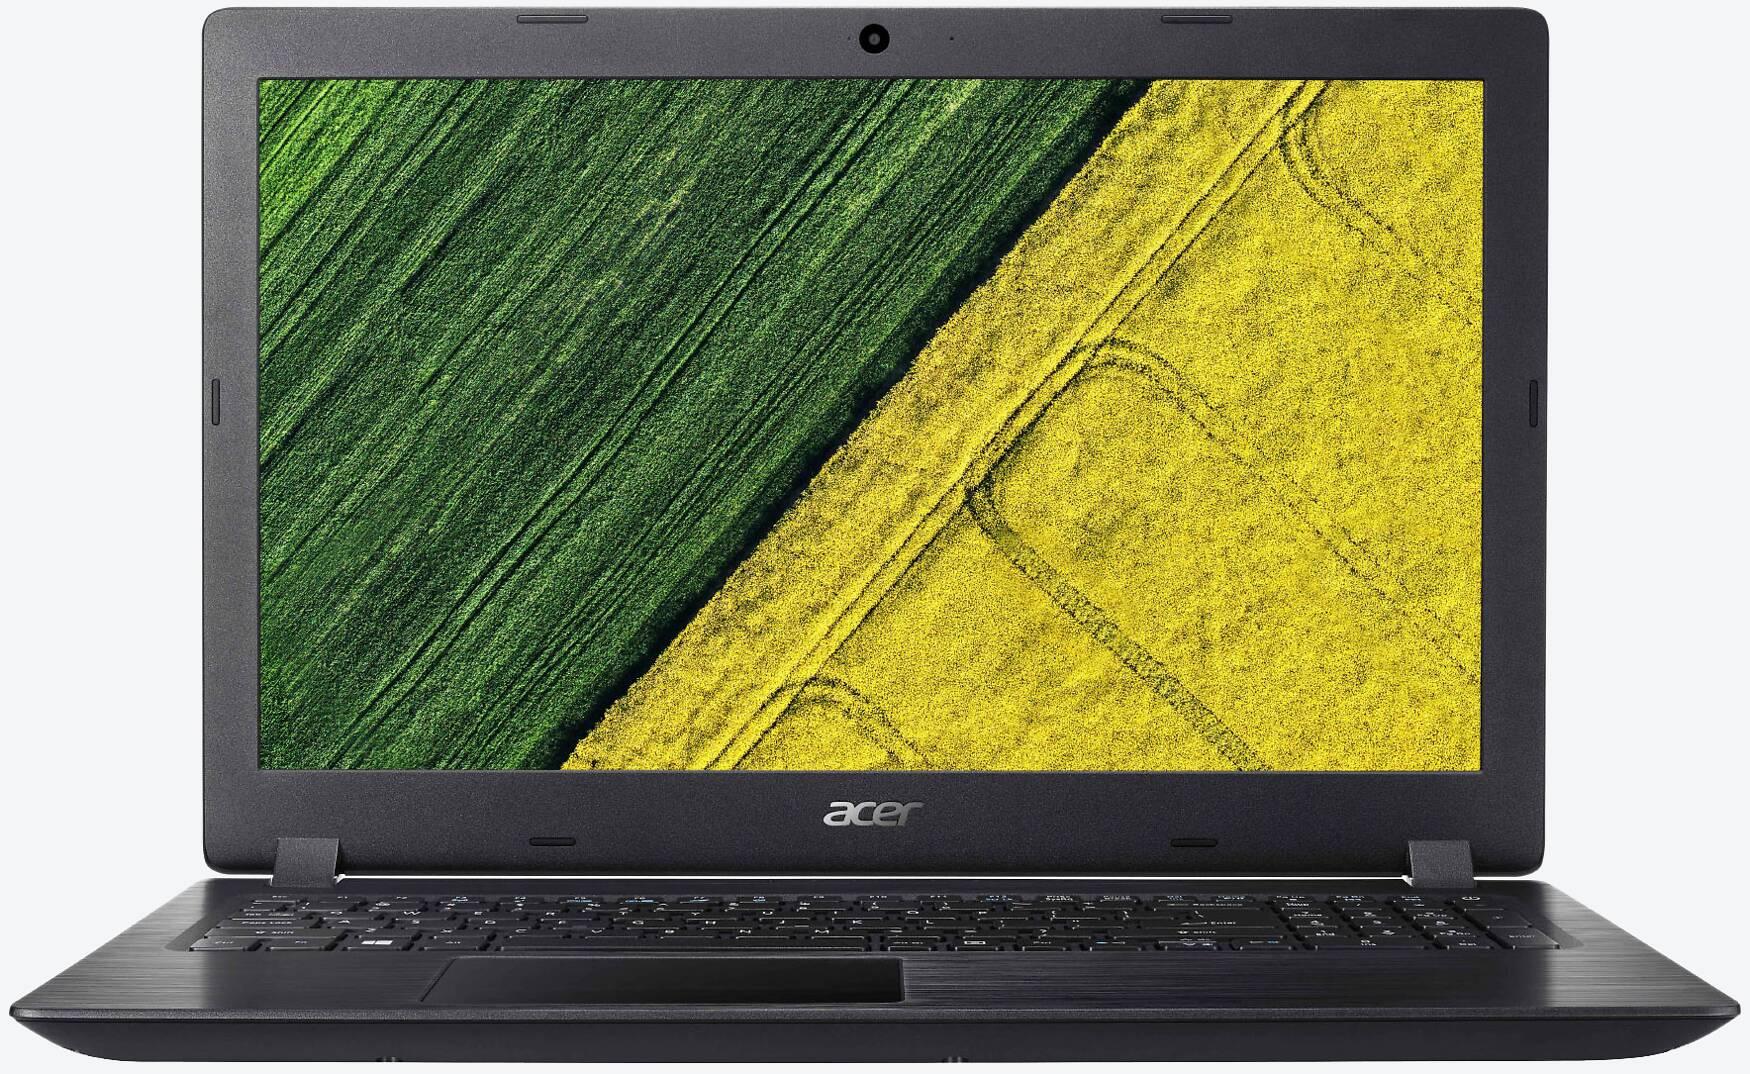 Acer Aspire 3 A317-51-568F